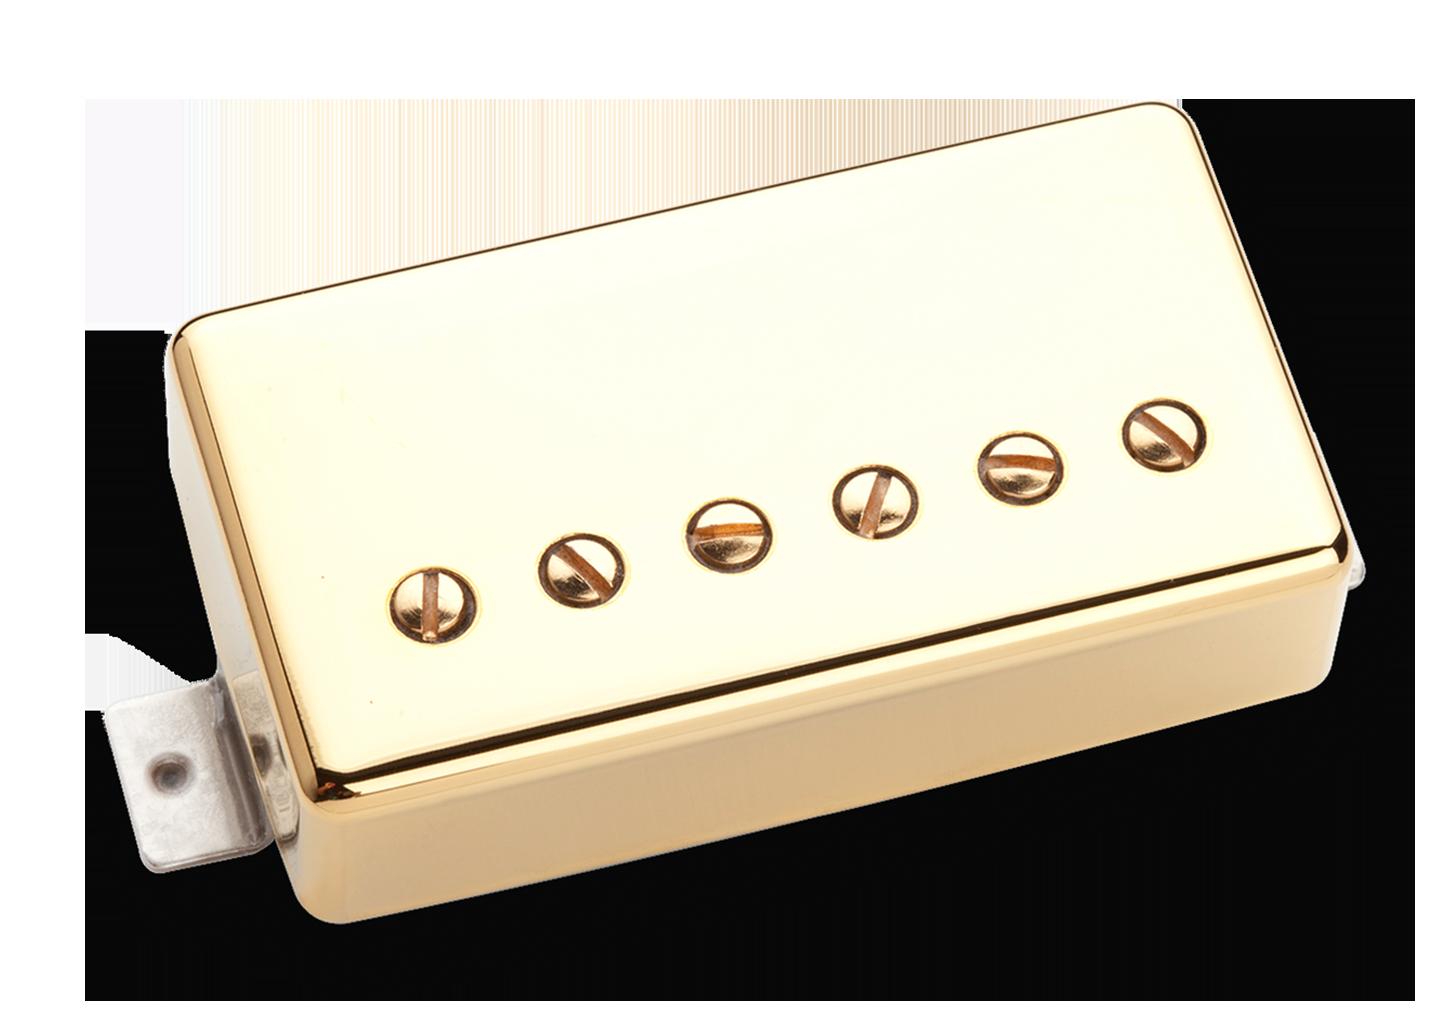 Seymour Duncan Jazz Humbucker - SH-2B Bridge Gold